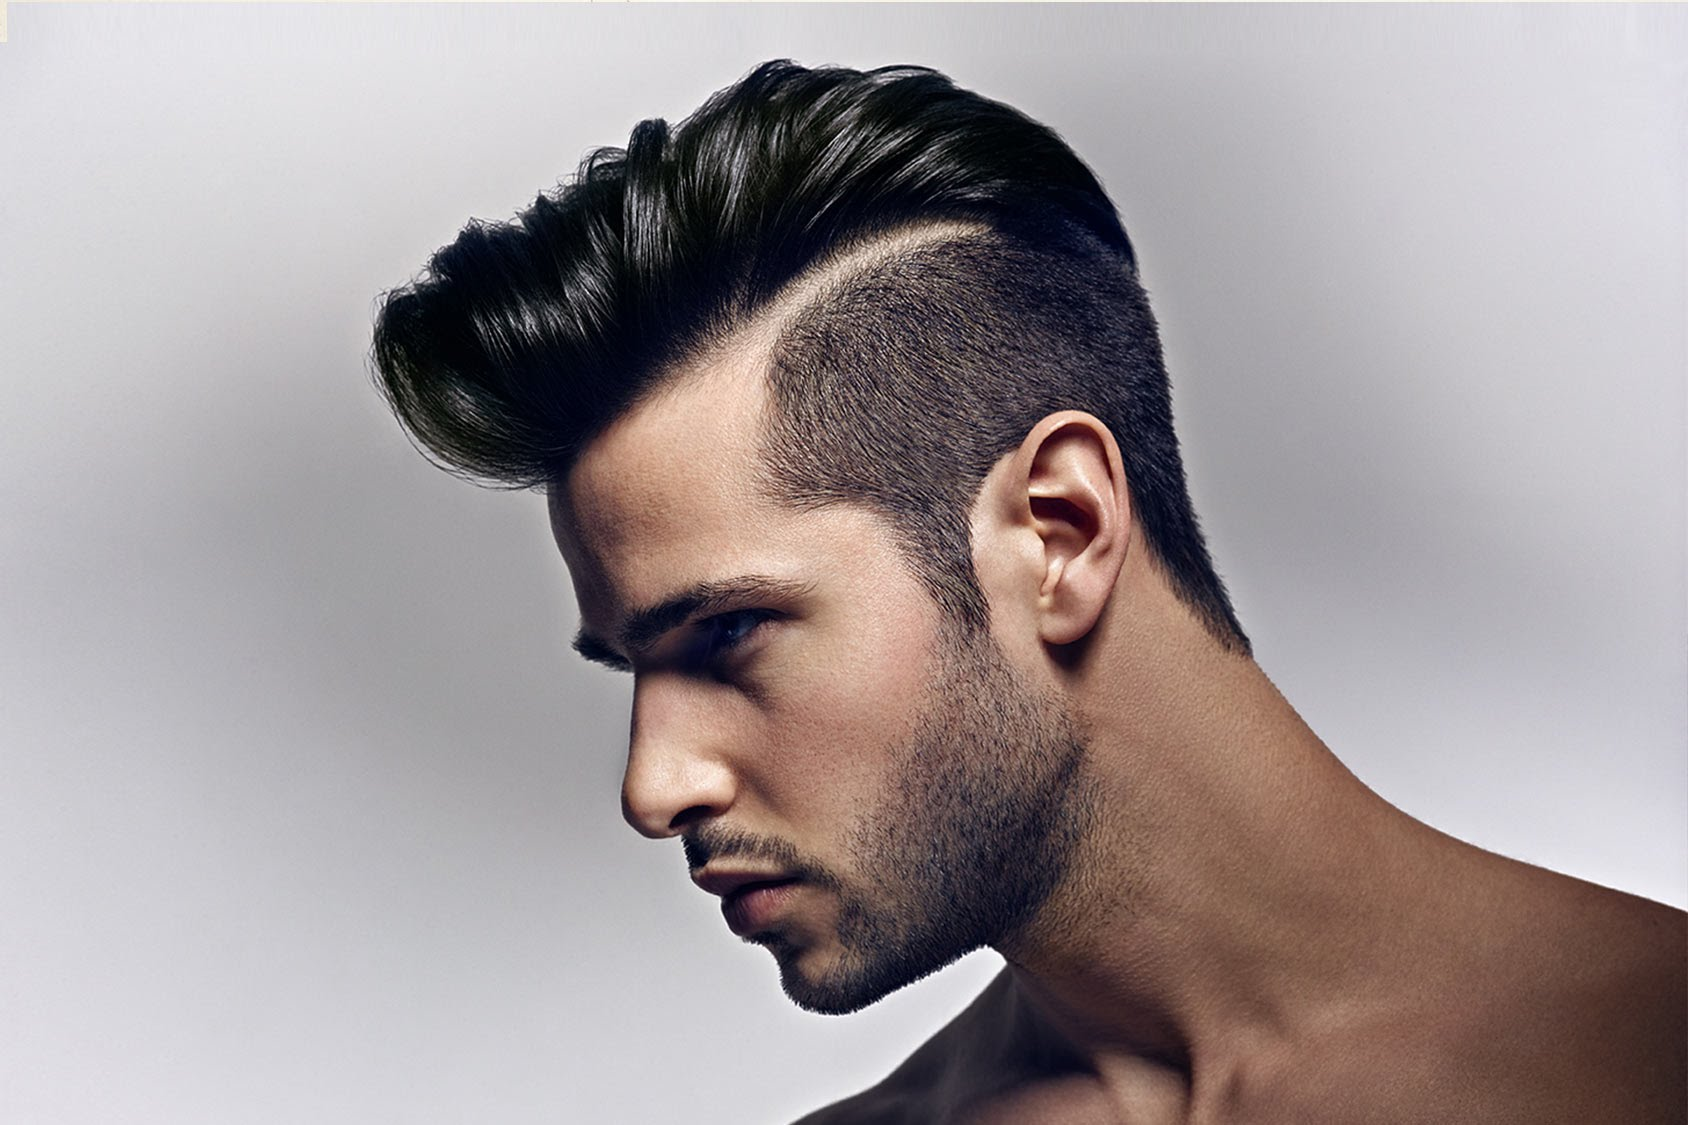 بالصور احدث قصات الشعر للرجال , اخر موضة فى قصات شعر الرجال 5429 11